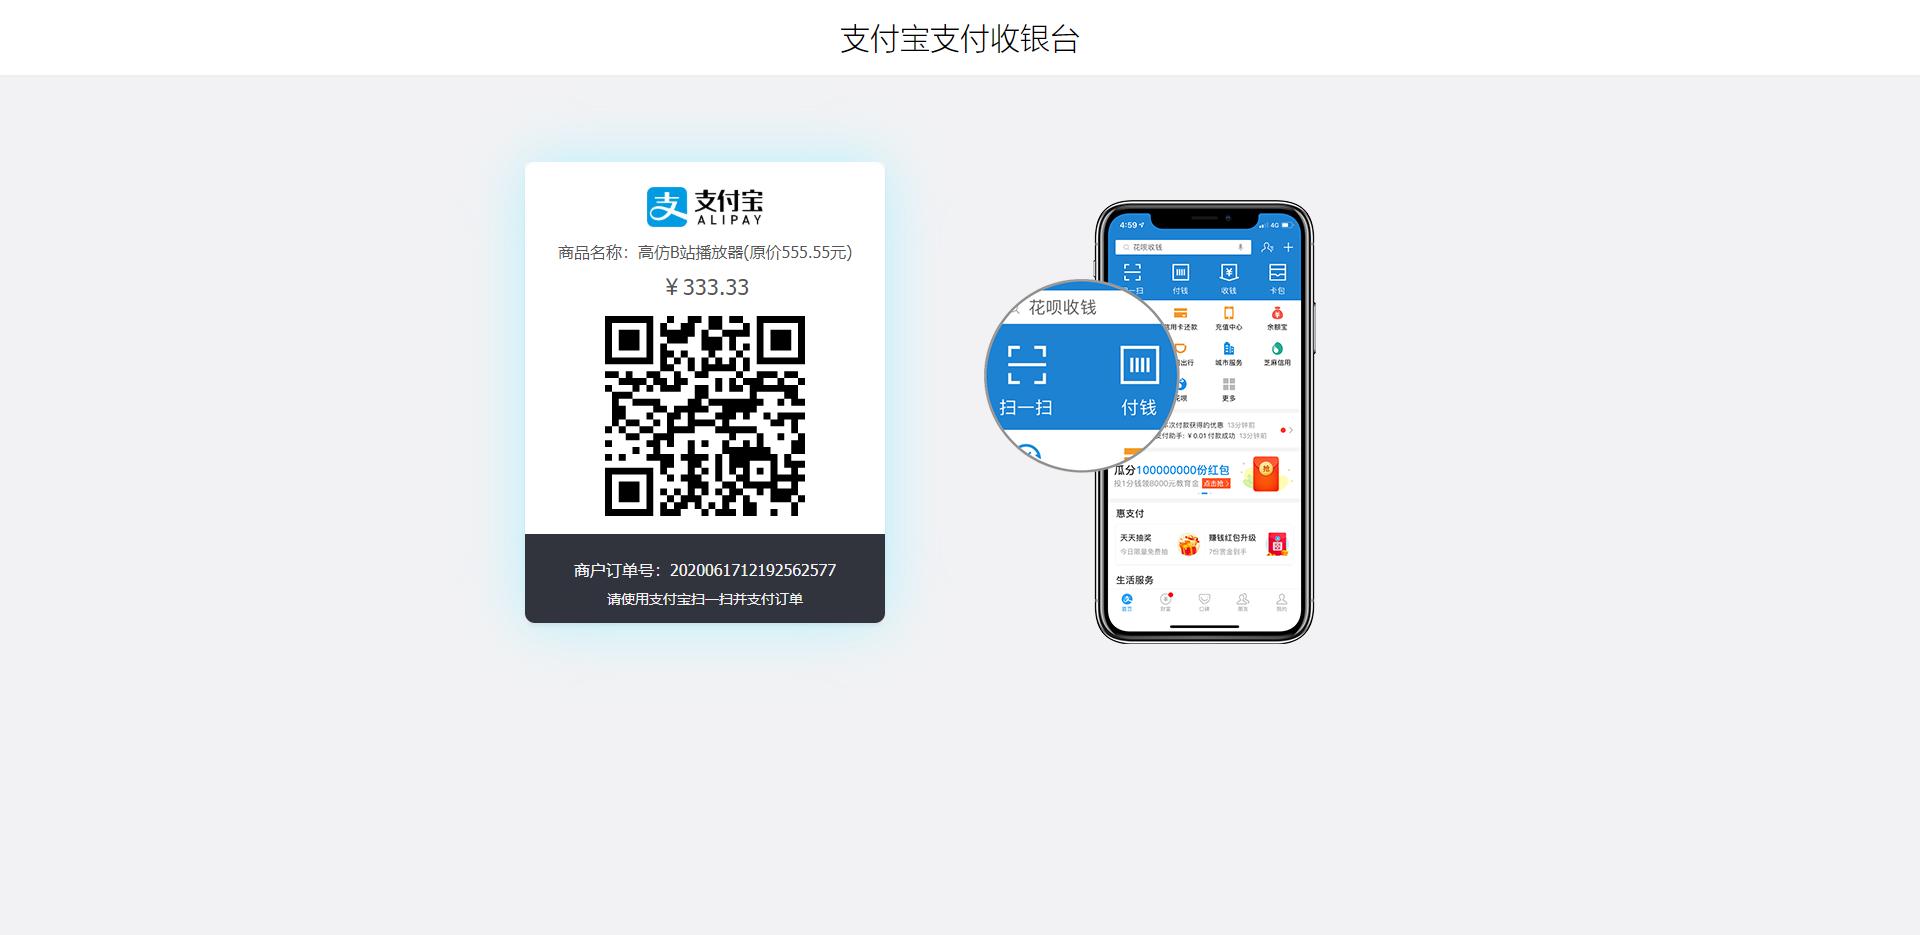 【全网首发】最新版small发卡网源码 V1.0.1_世界资源网